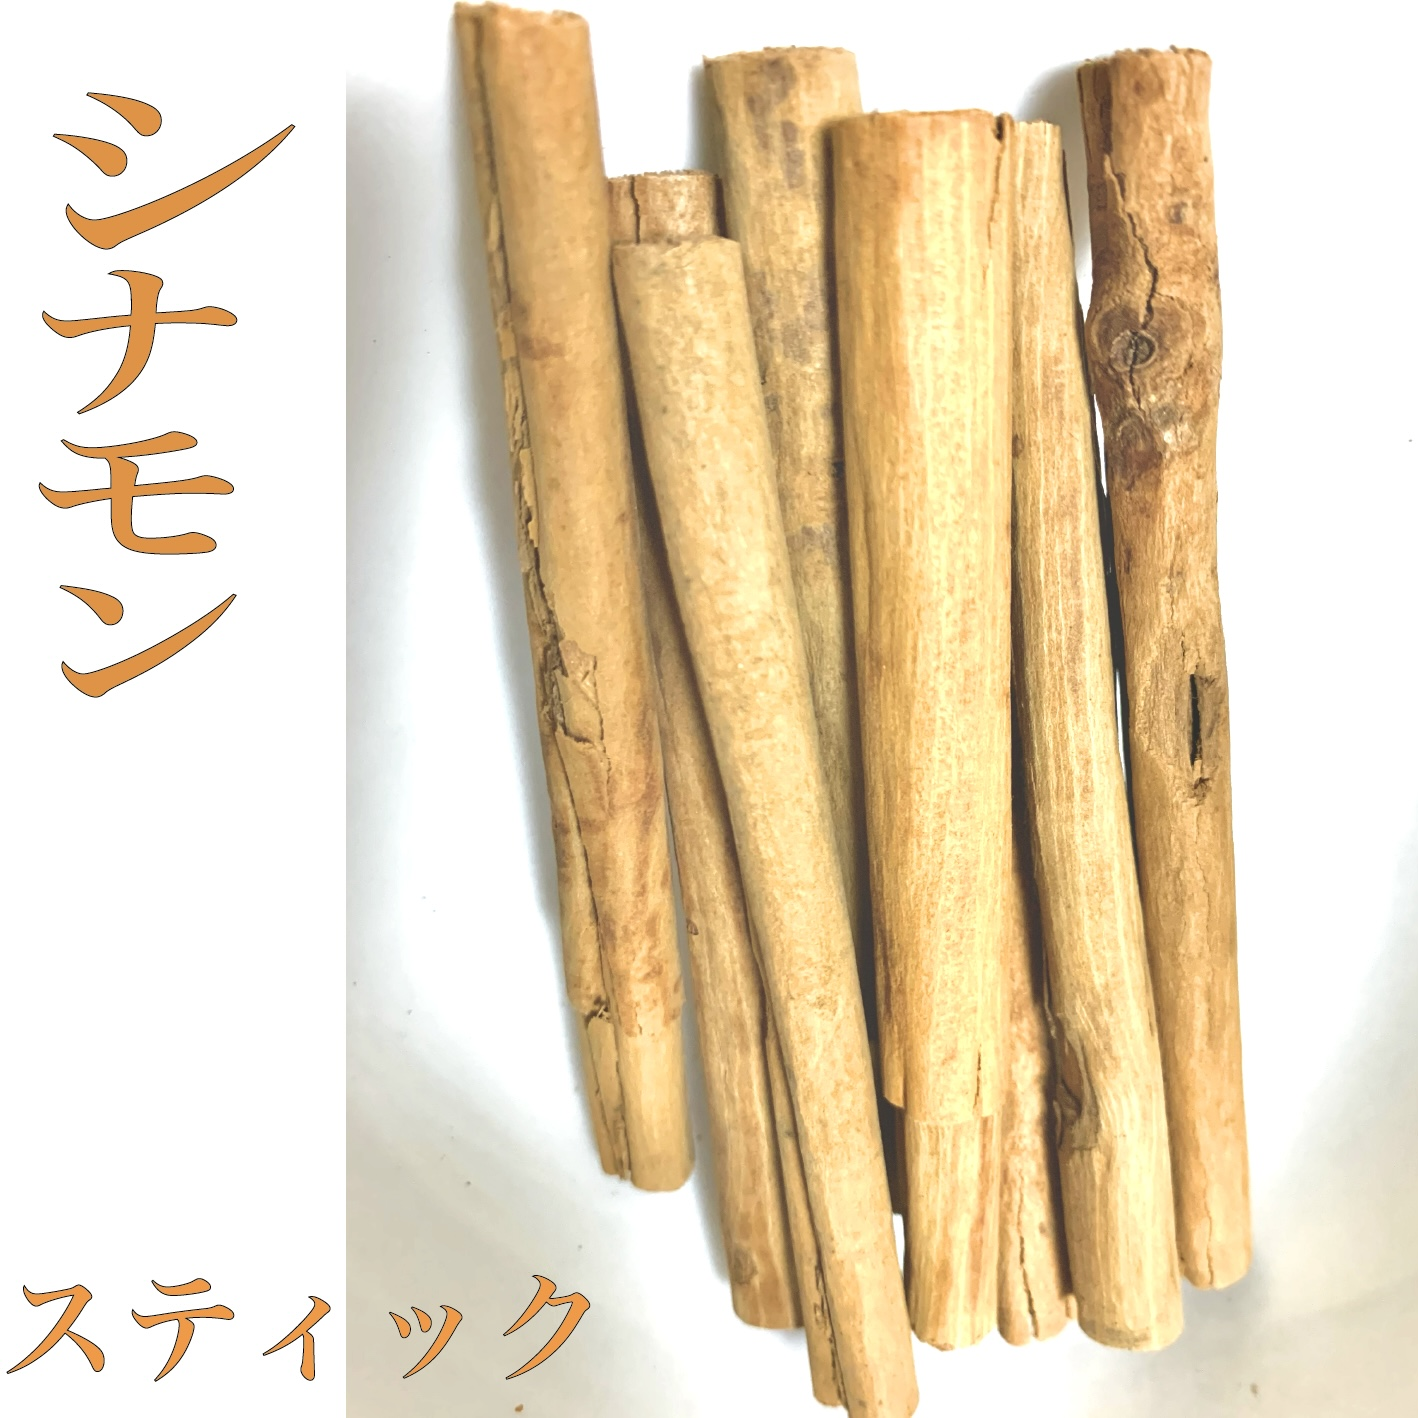 クラフトコーラの食材紹介 vol.3 シナモン